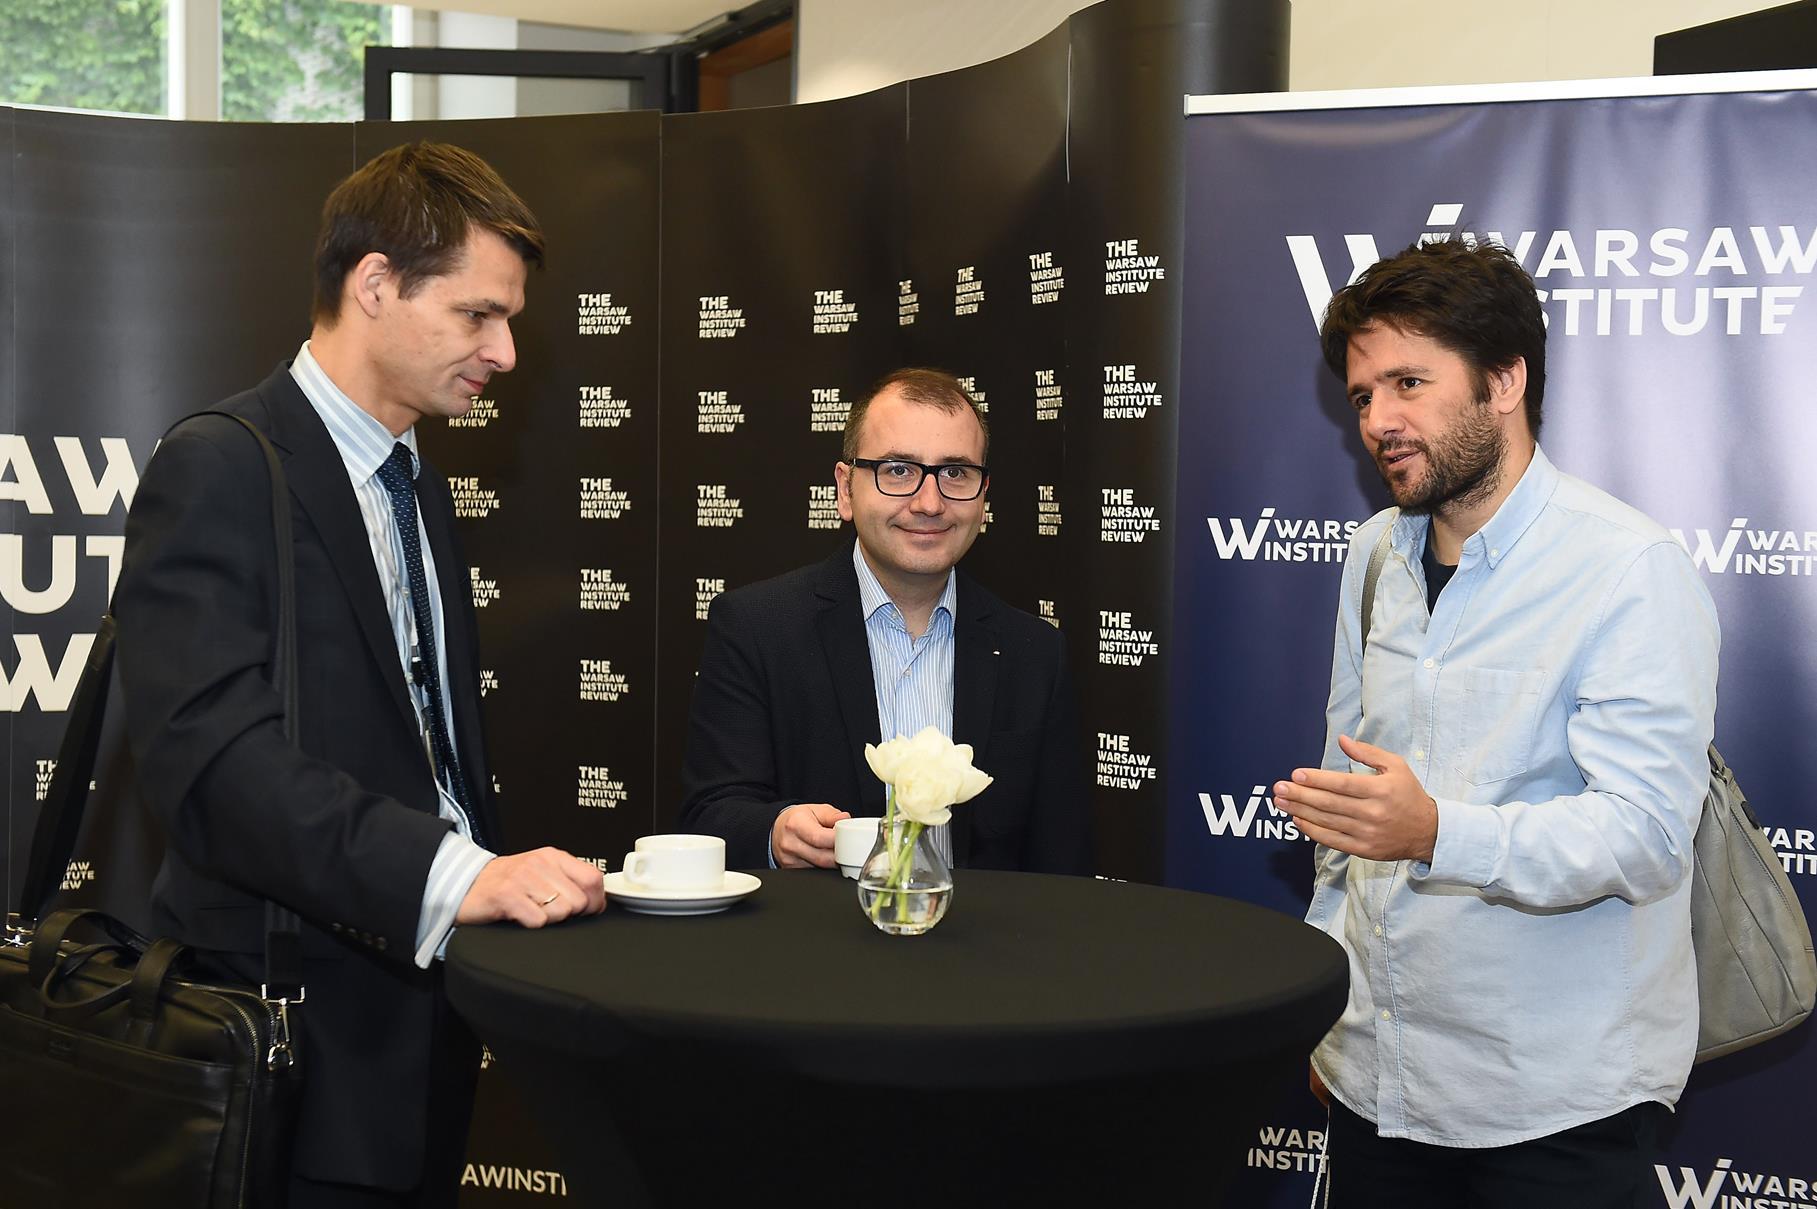 western balkans infrastructure energy geopolitics warsaw institute k9 3